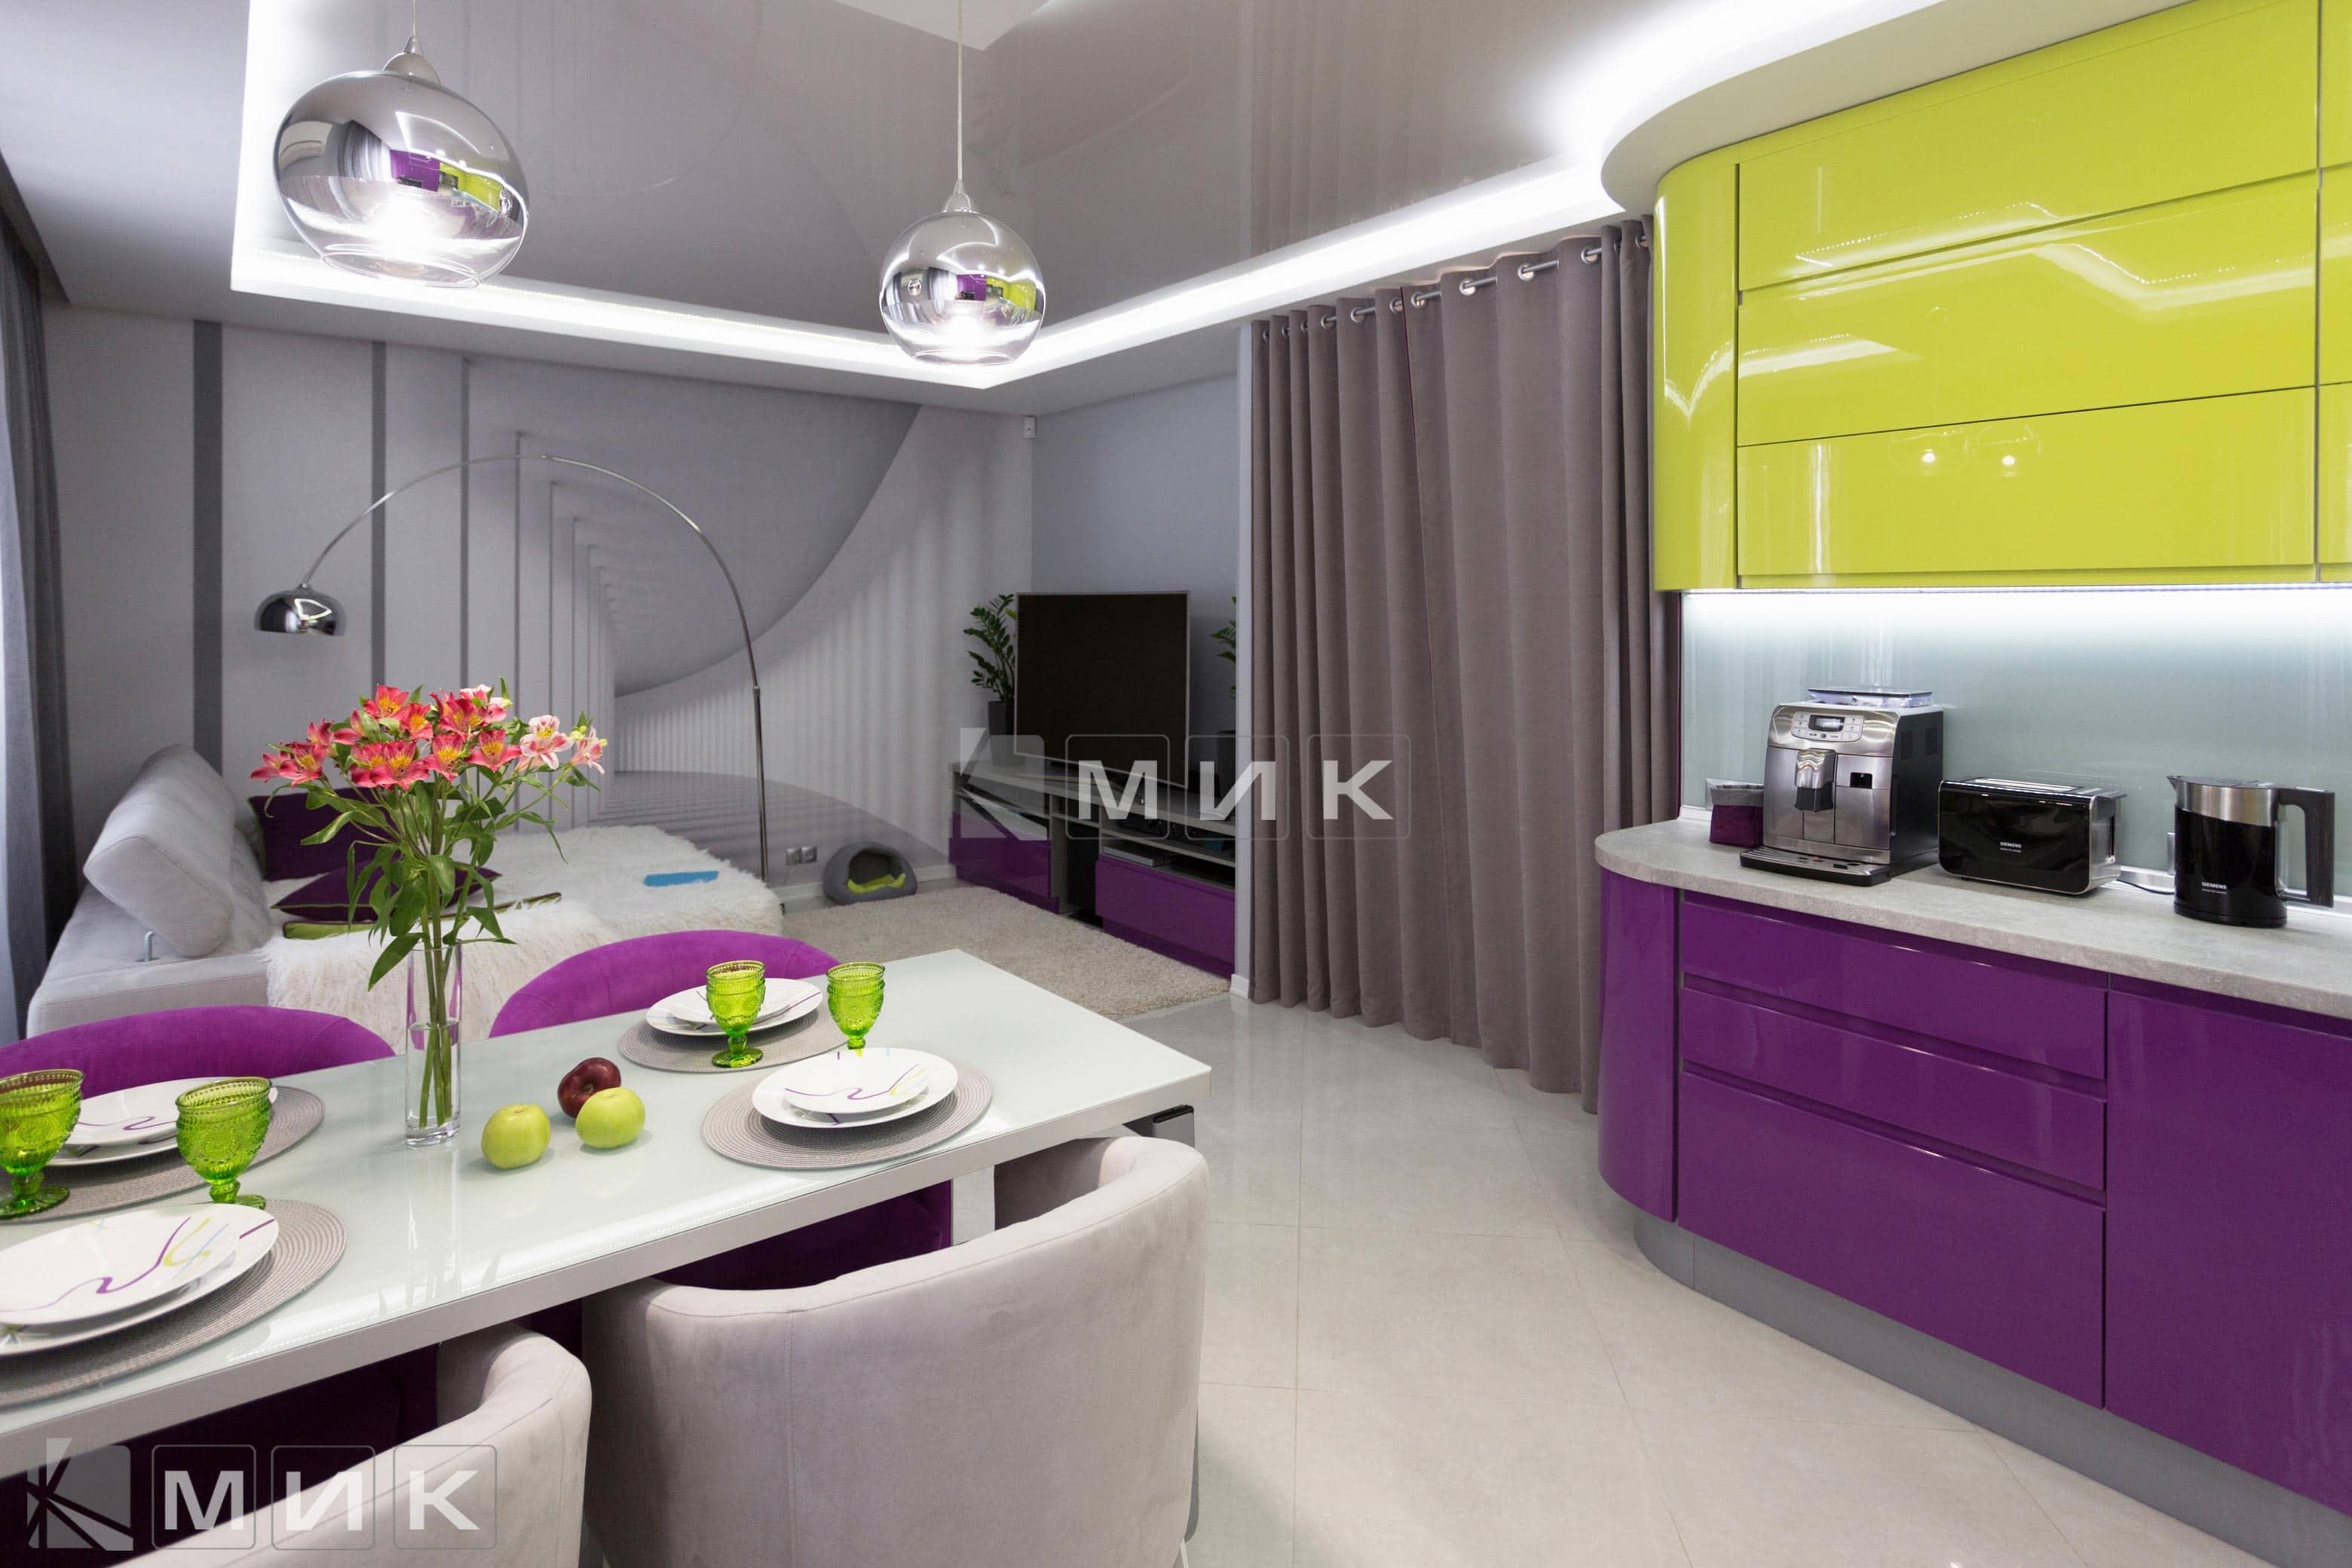 Кухня-студия-желто-фиолетовая(обухов)-1011